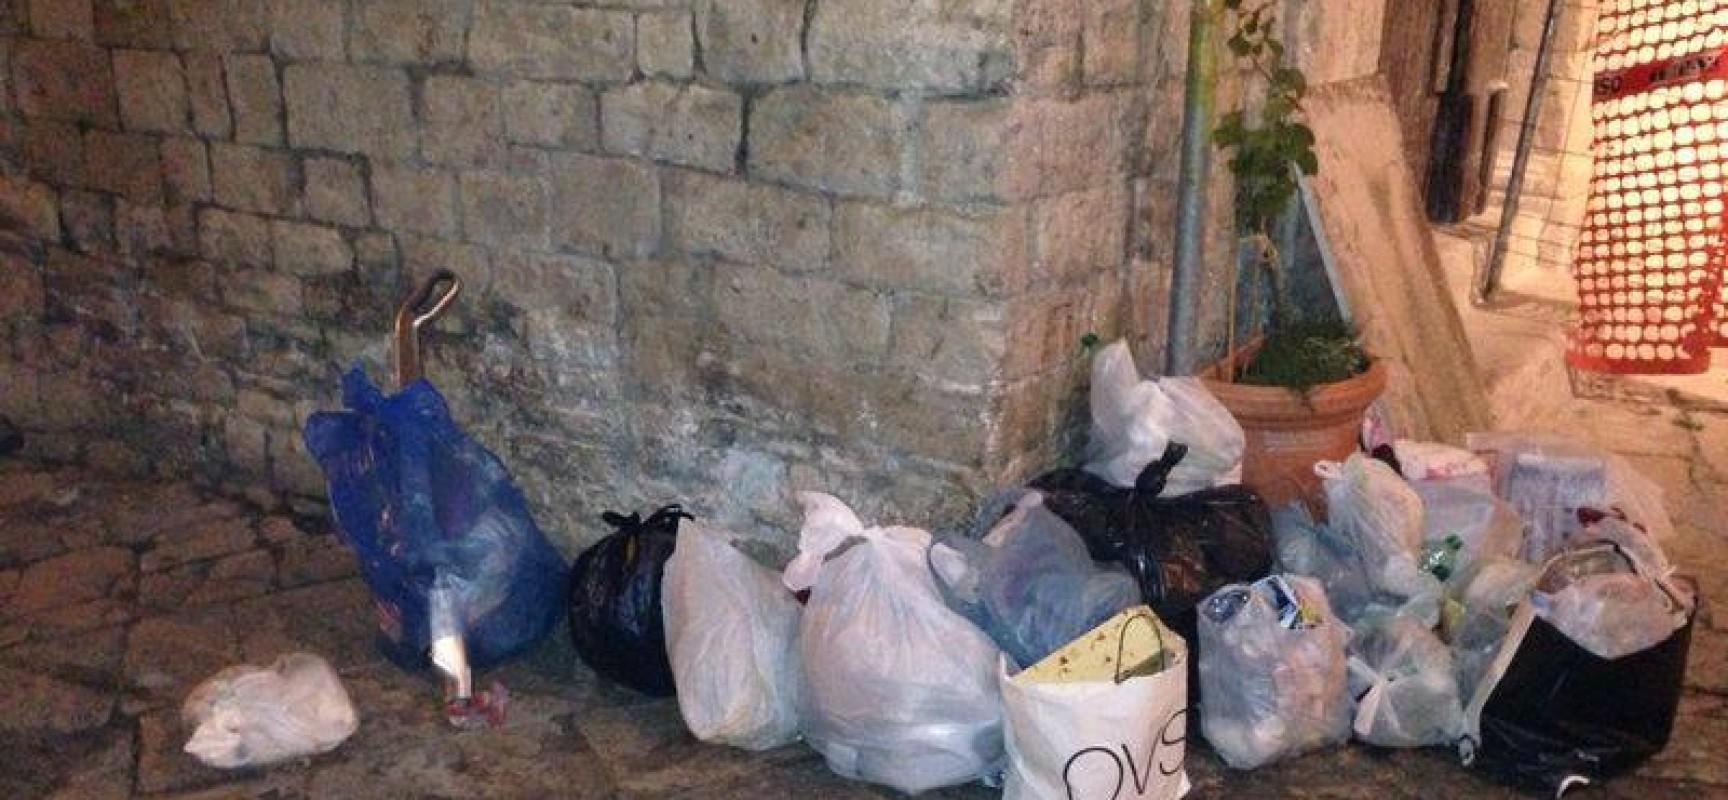 """Dopo neanche 24 ore dalla consegna della """"vite antirifiuti"""" ancora immondizia davanti al museo diocesano"""